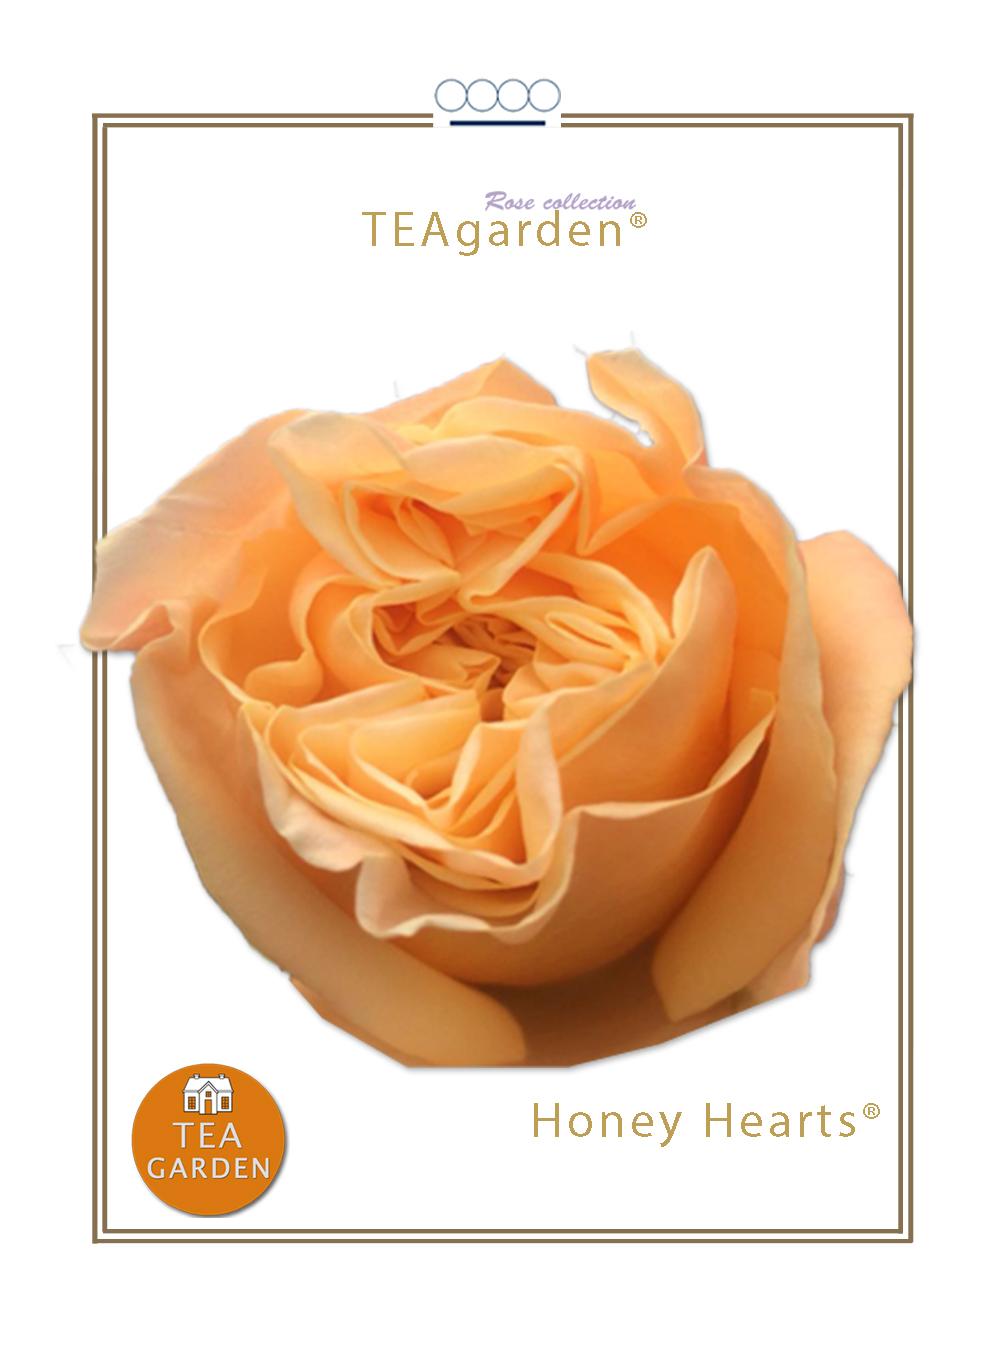 Honey Hearts®